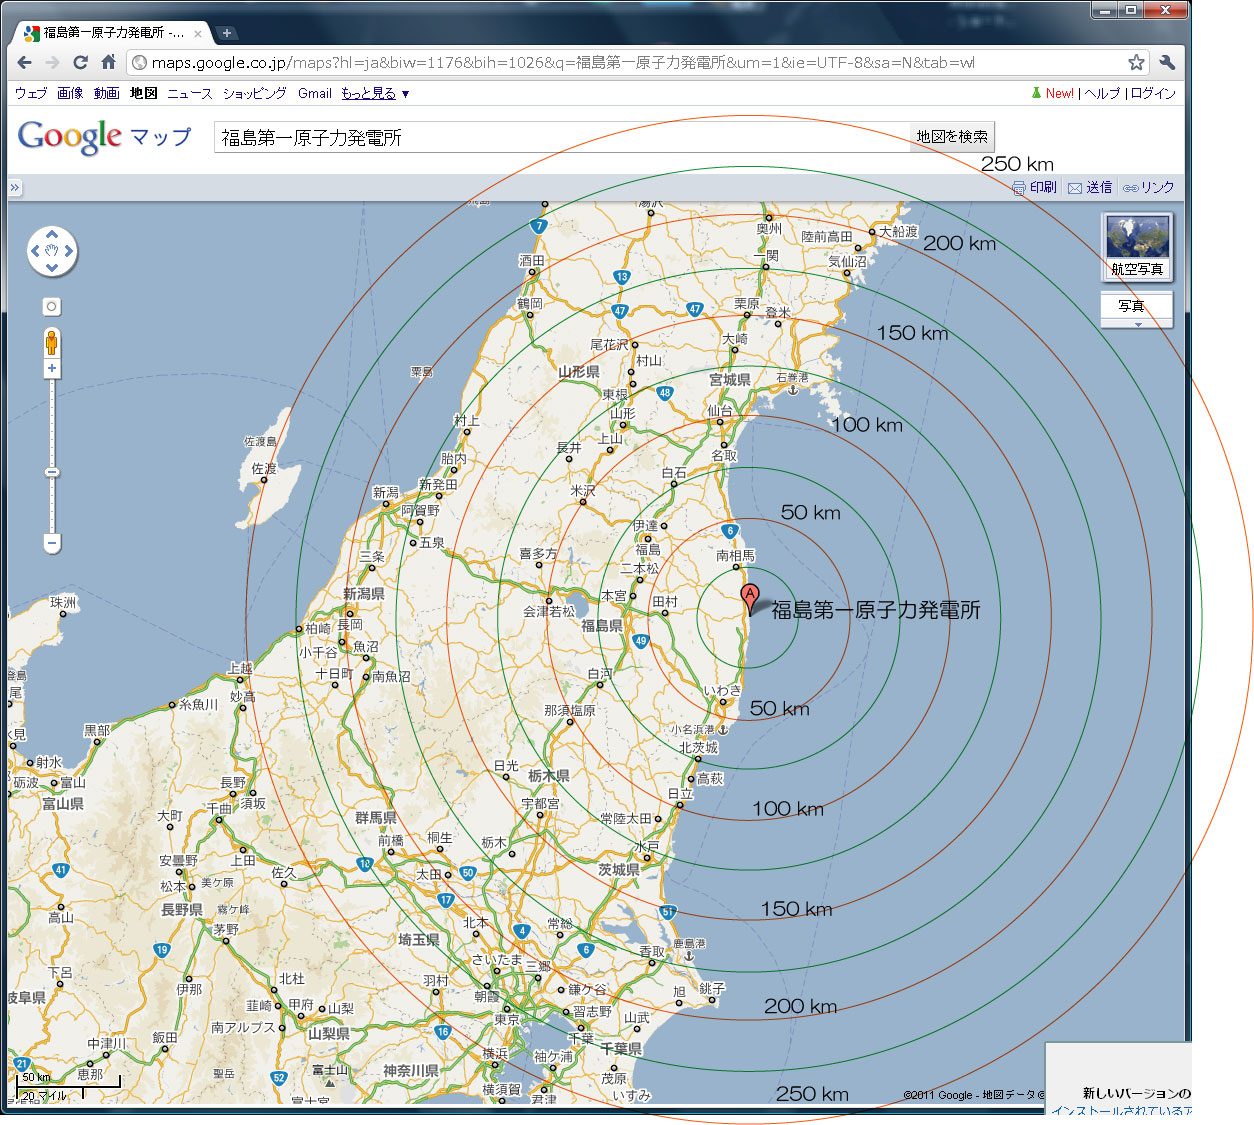 ... 距離が分かる地図_9dd863d106538b8d : 日本地図 見やすい : 日本